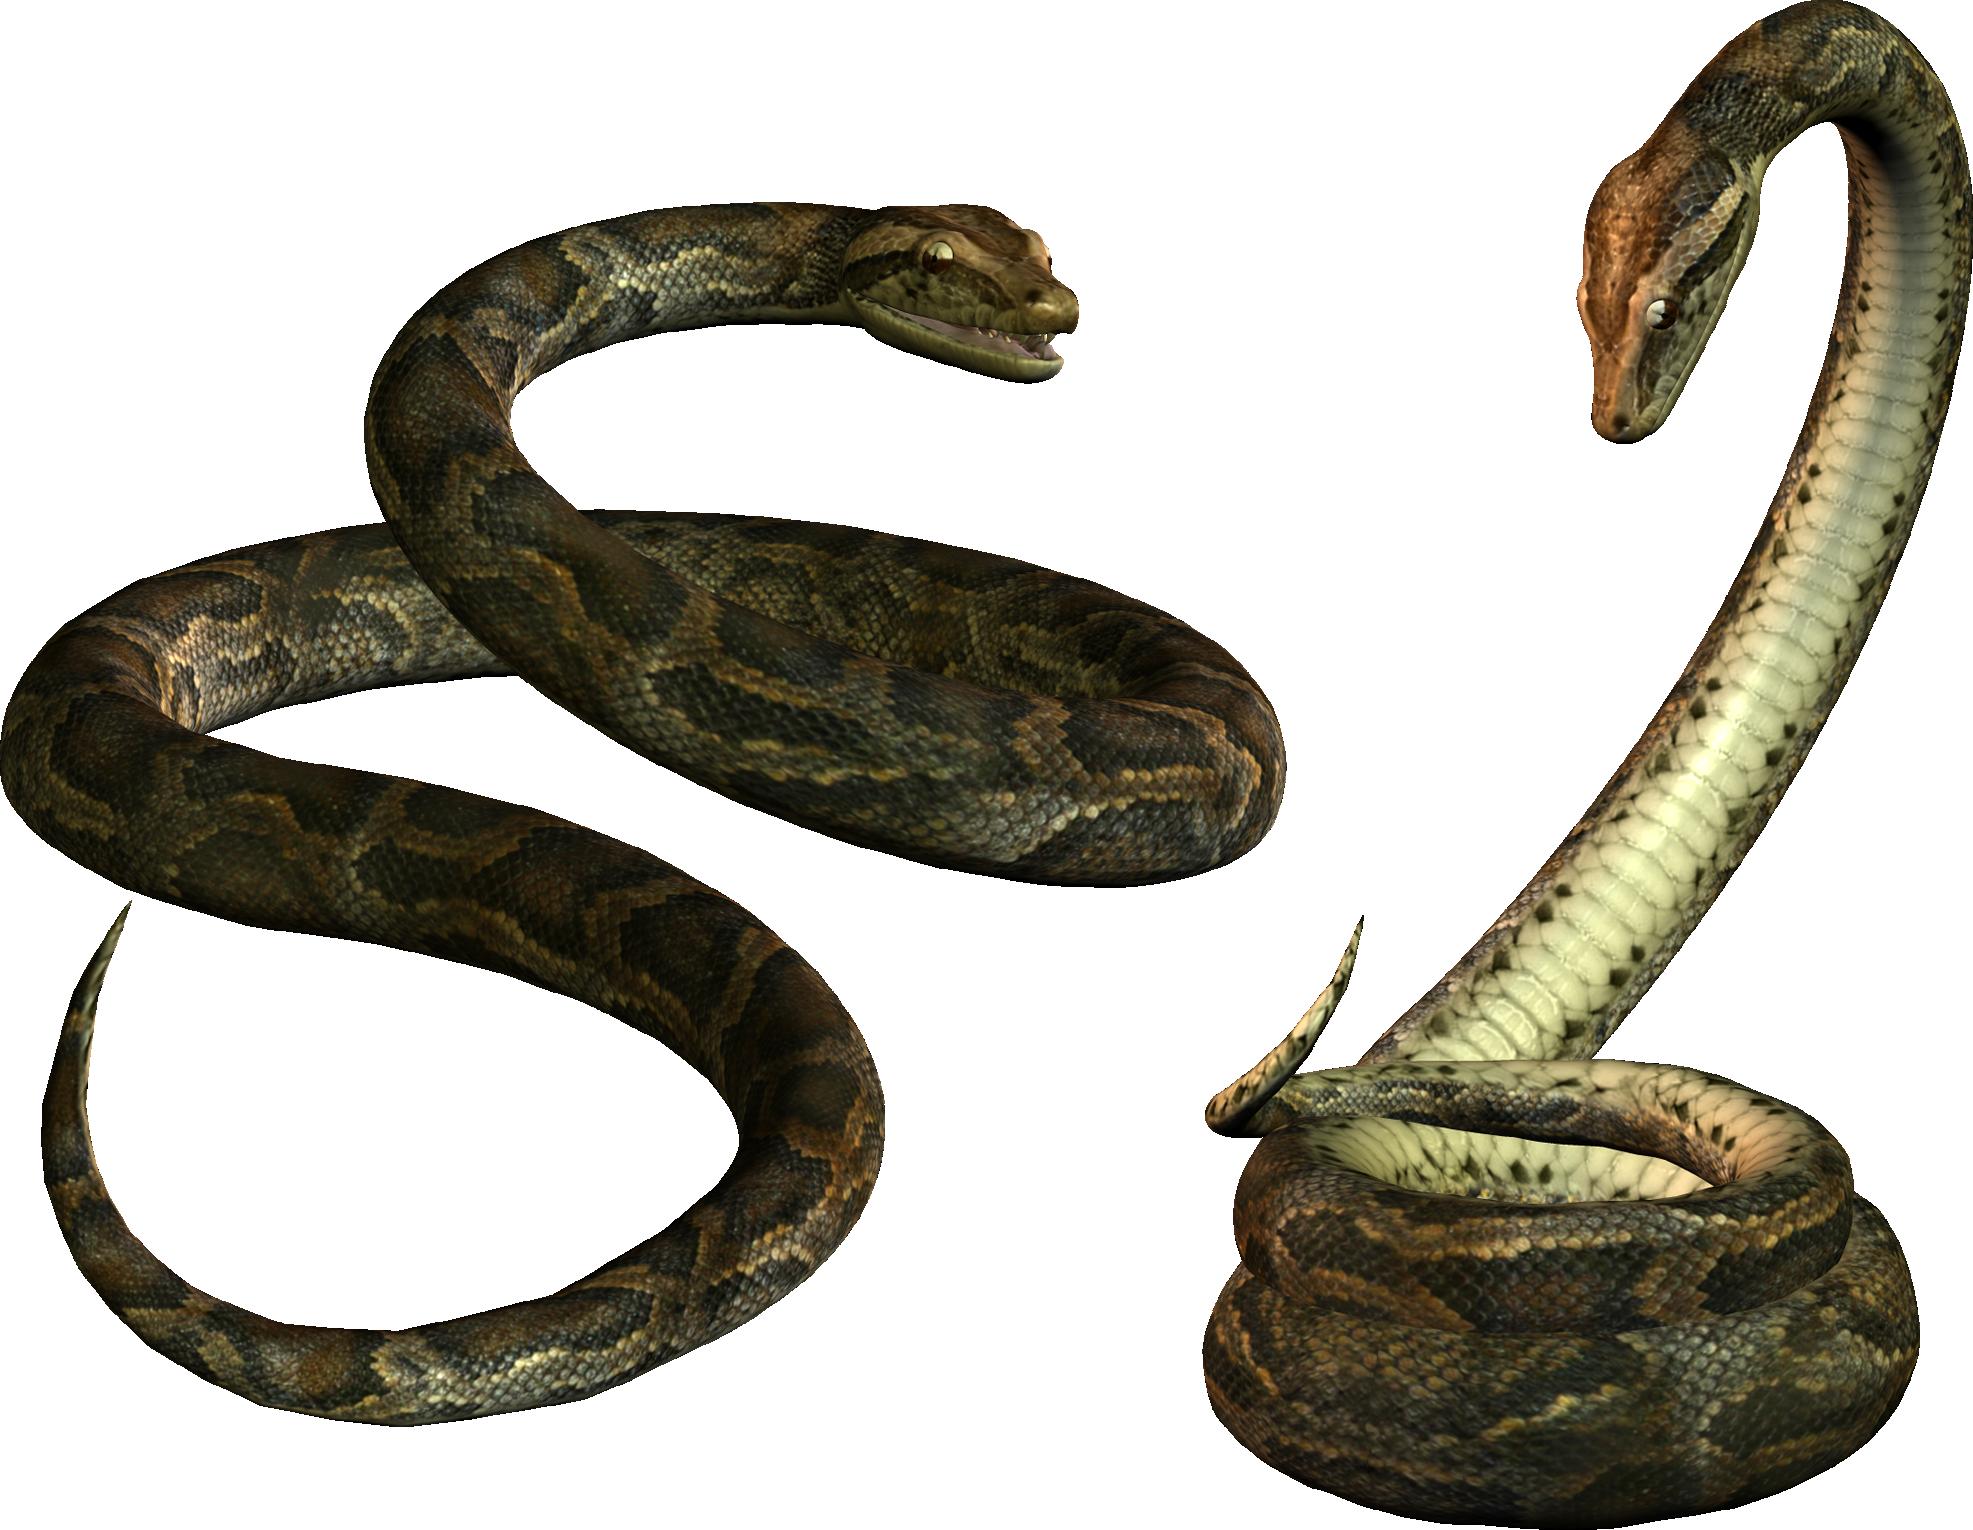 Snake clipart tiger snake. Python png transparent images